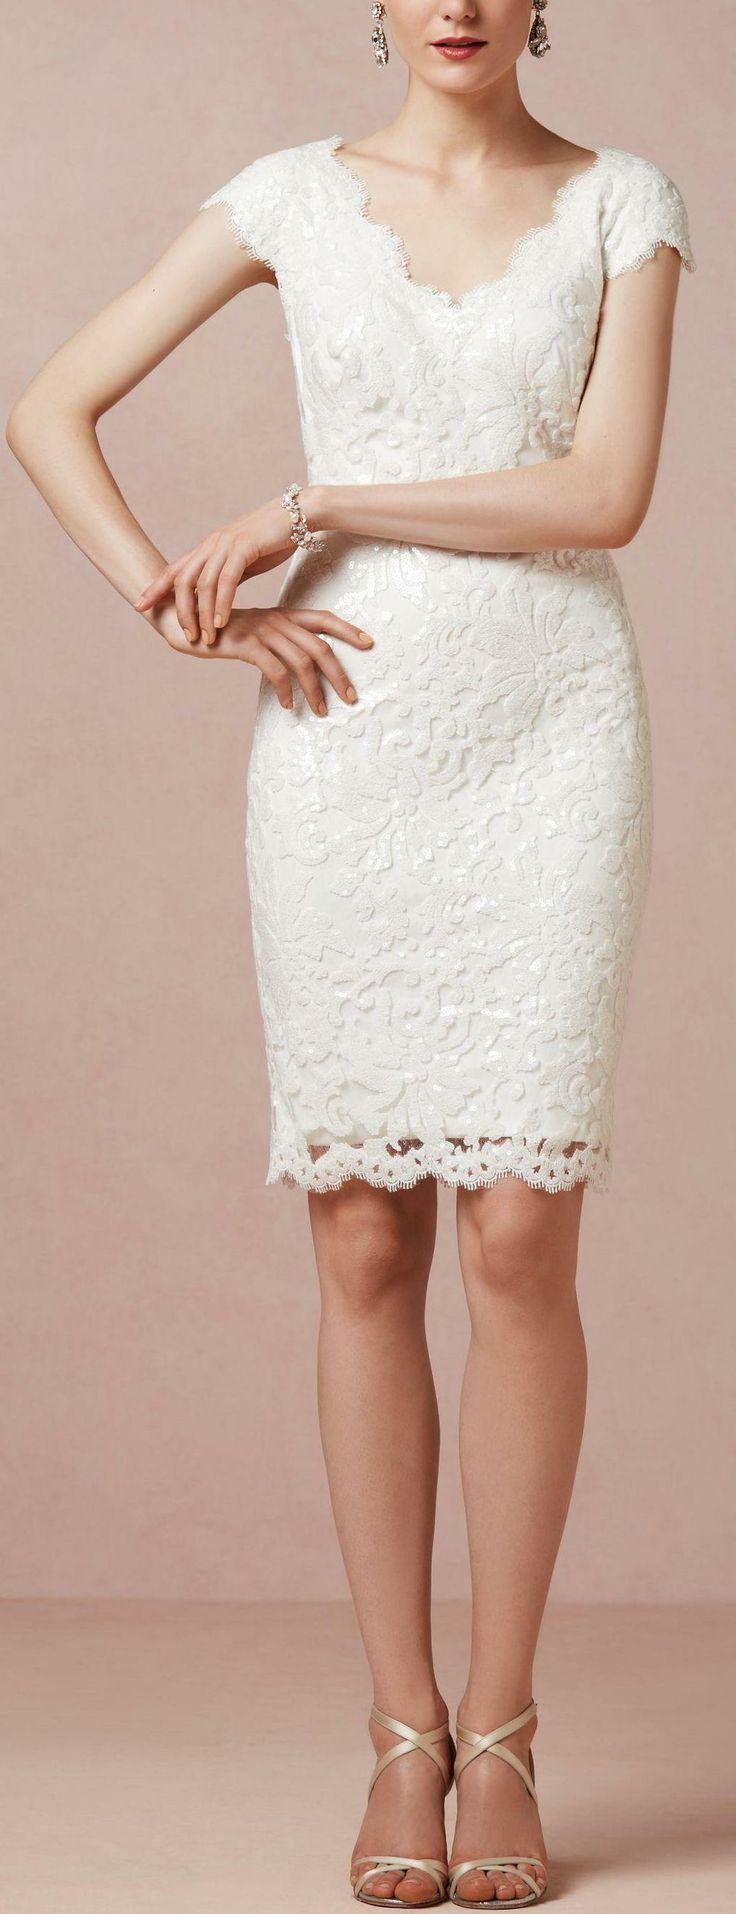 52 best Little White Dress images on Pinterest | White dress ...